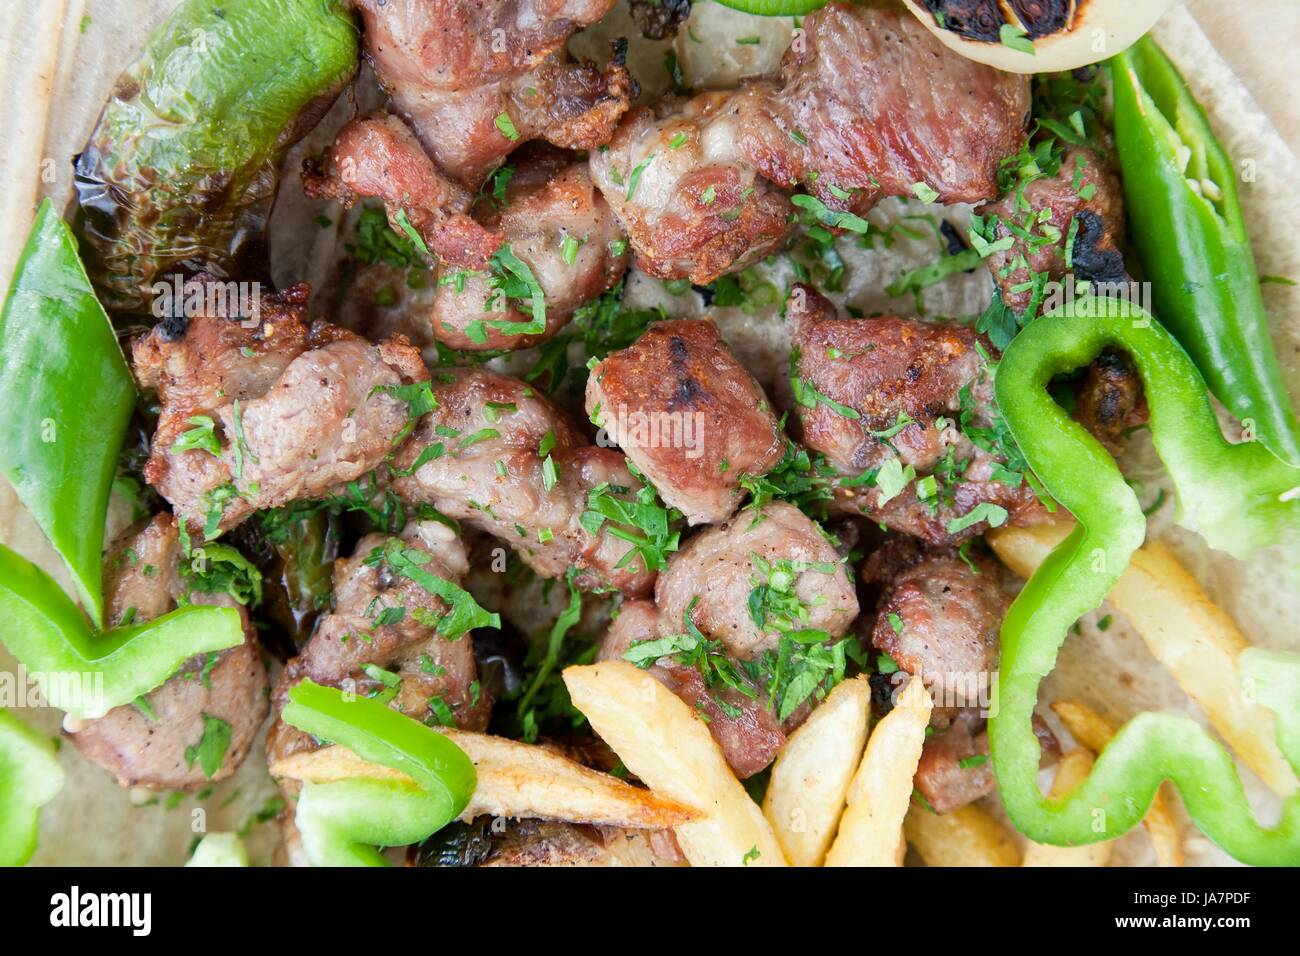 Outdoorküche Klein Cafe : Café restaurant lebensmittel nahrungsmittel jordan outdoor